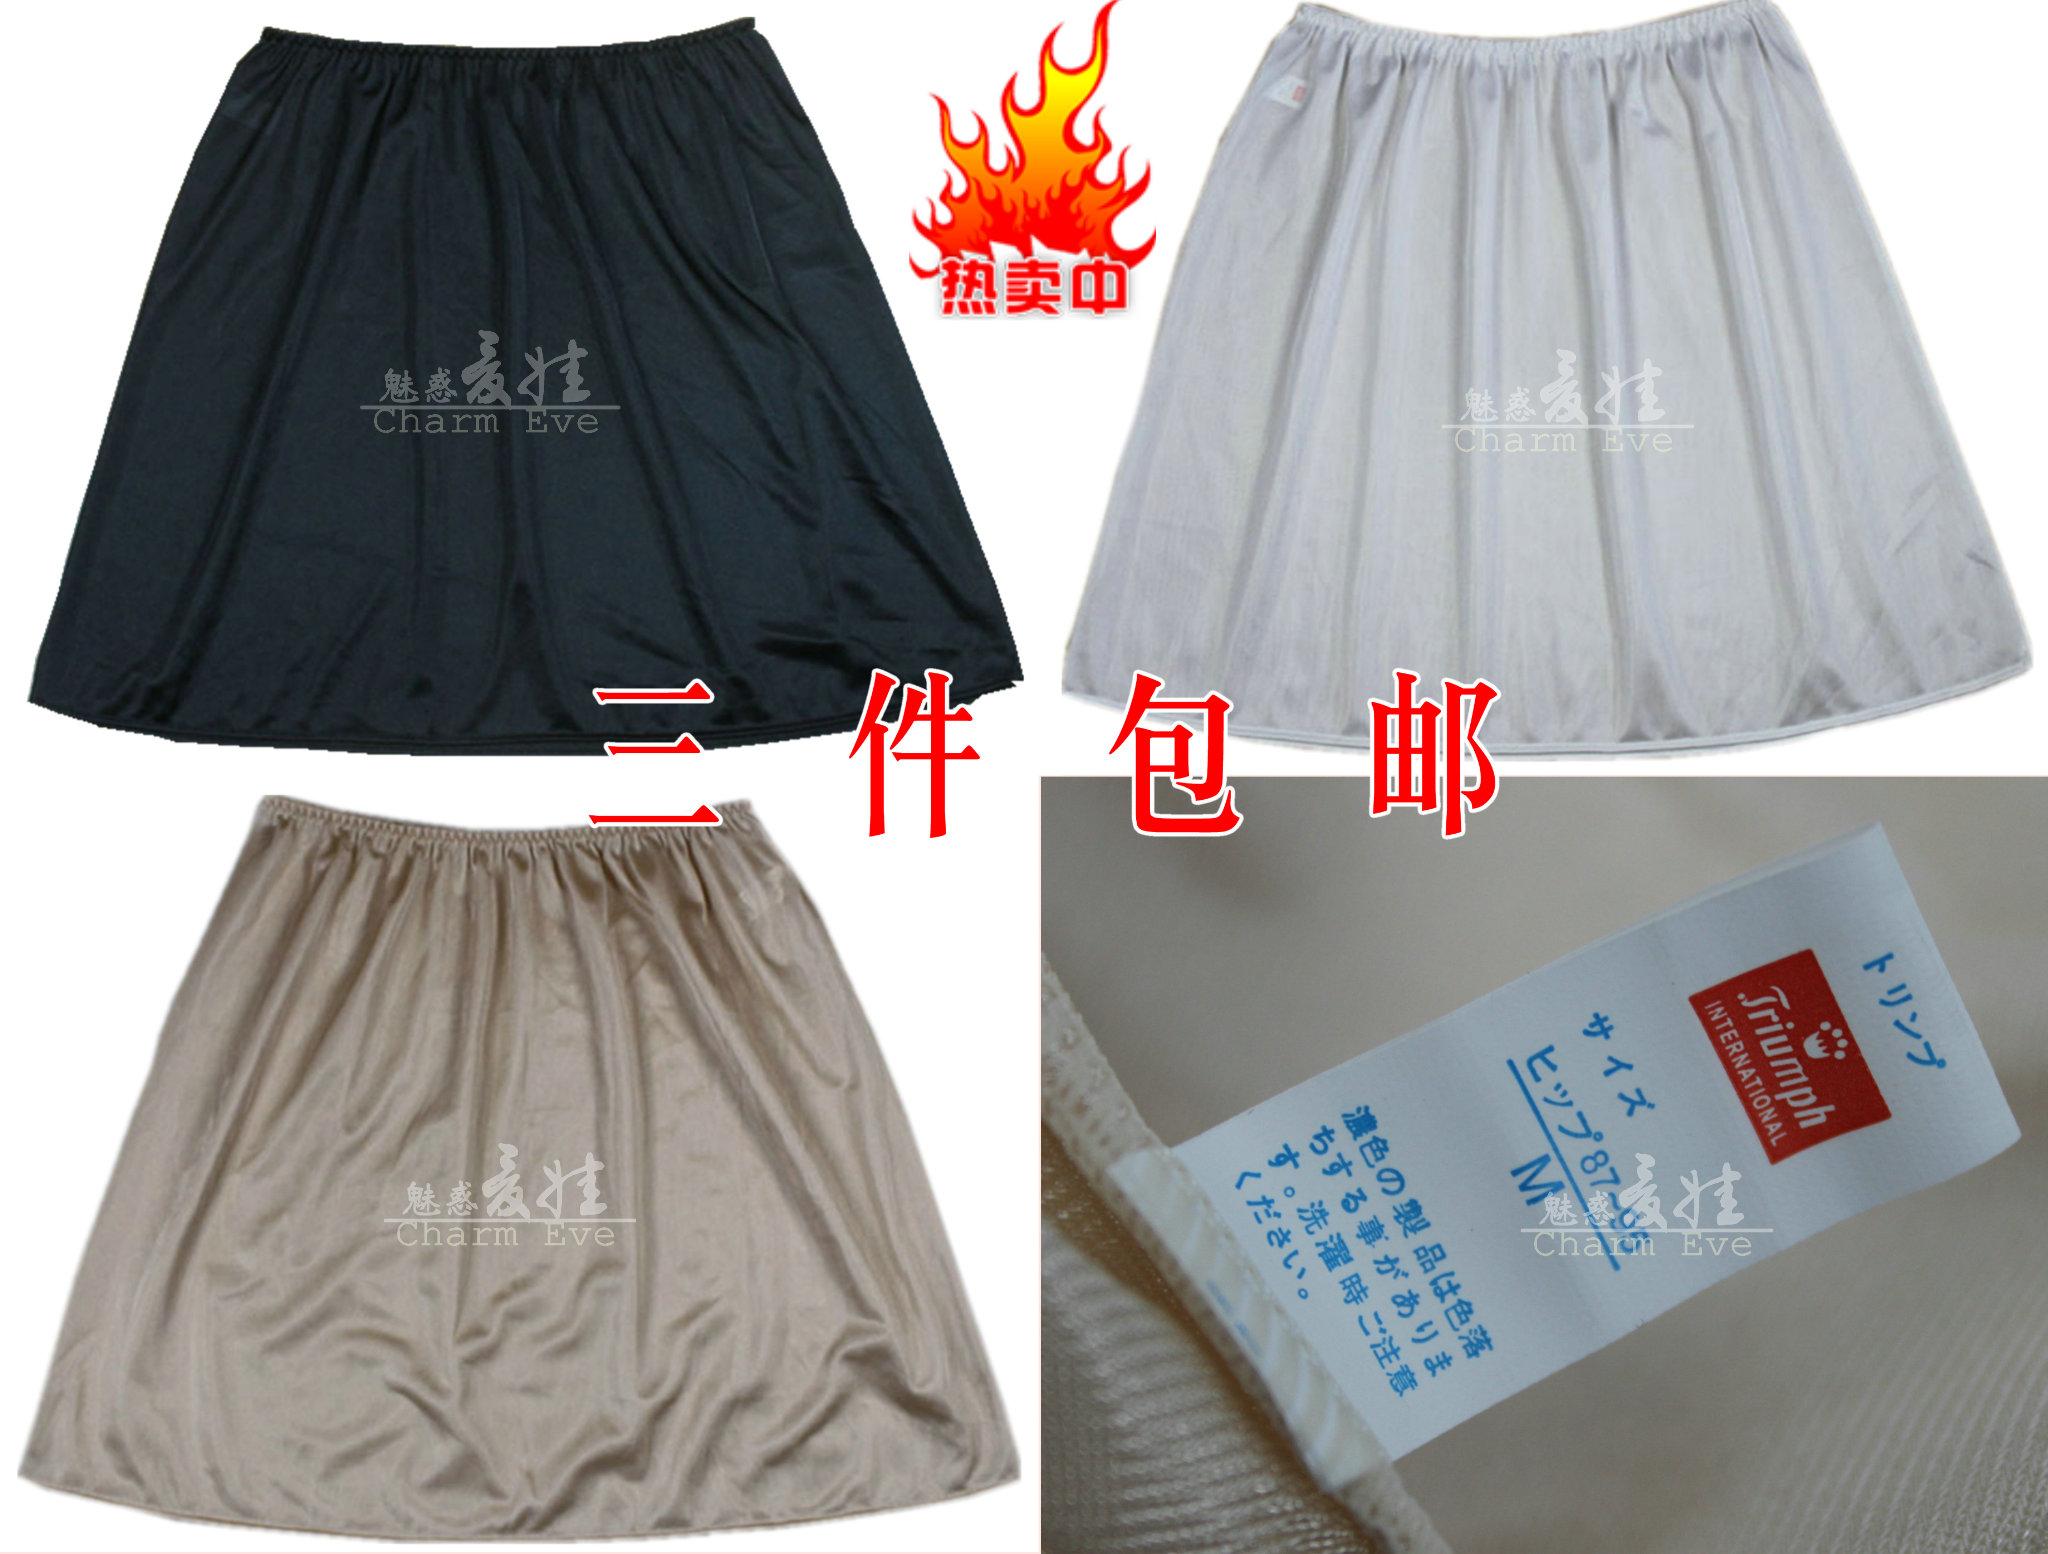 Other underwear brands